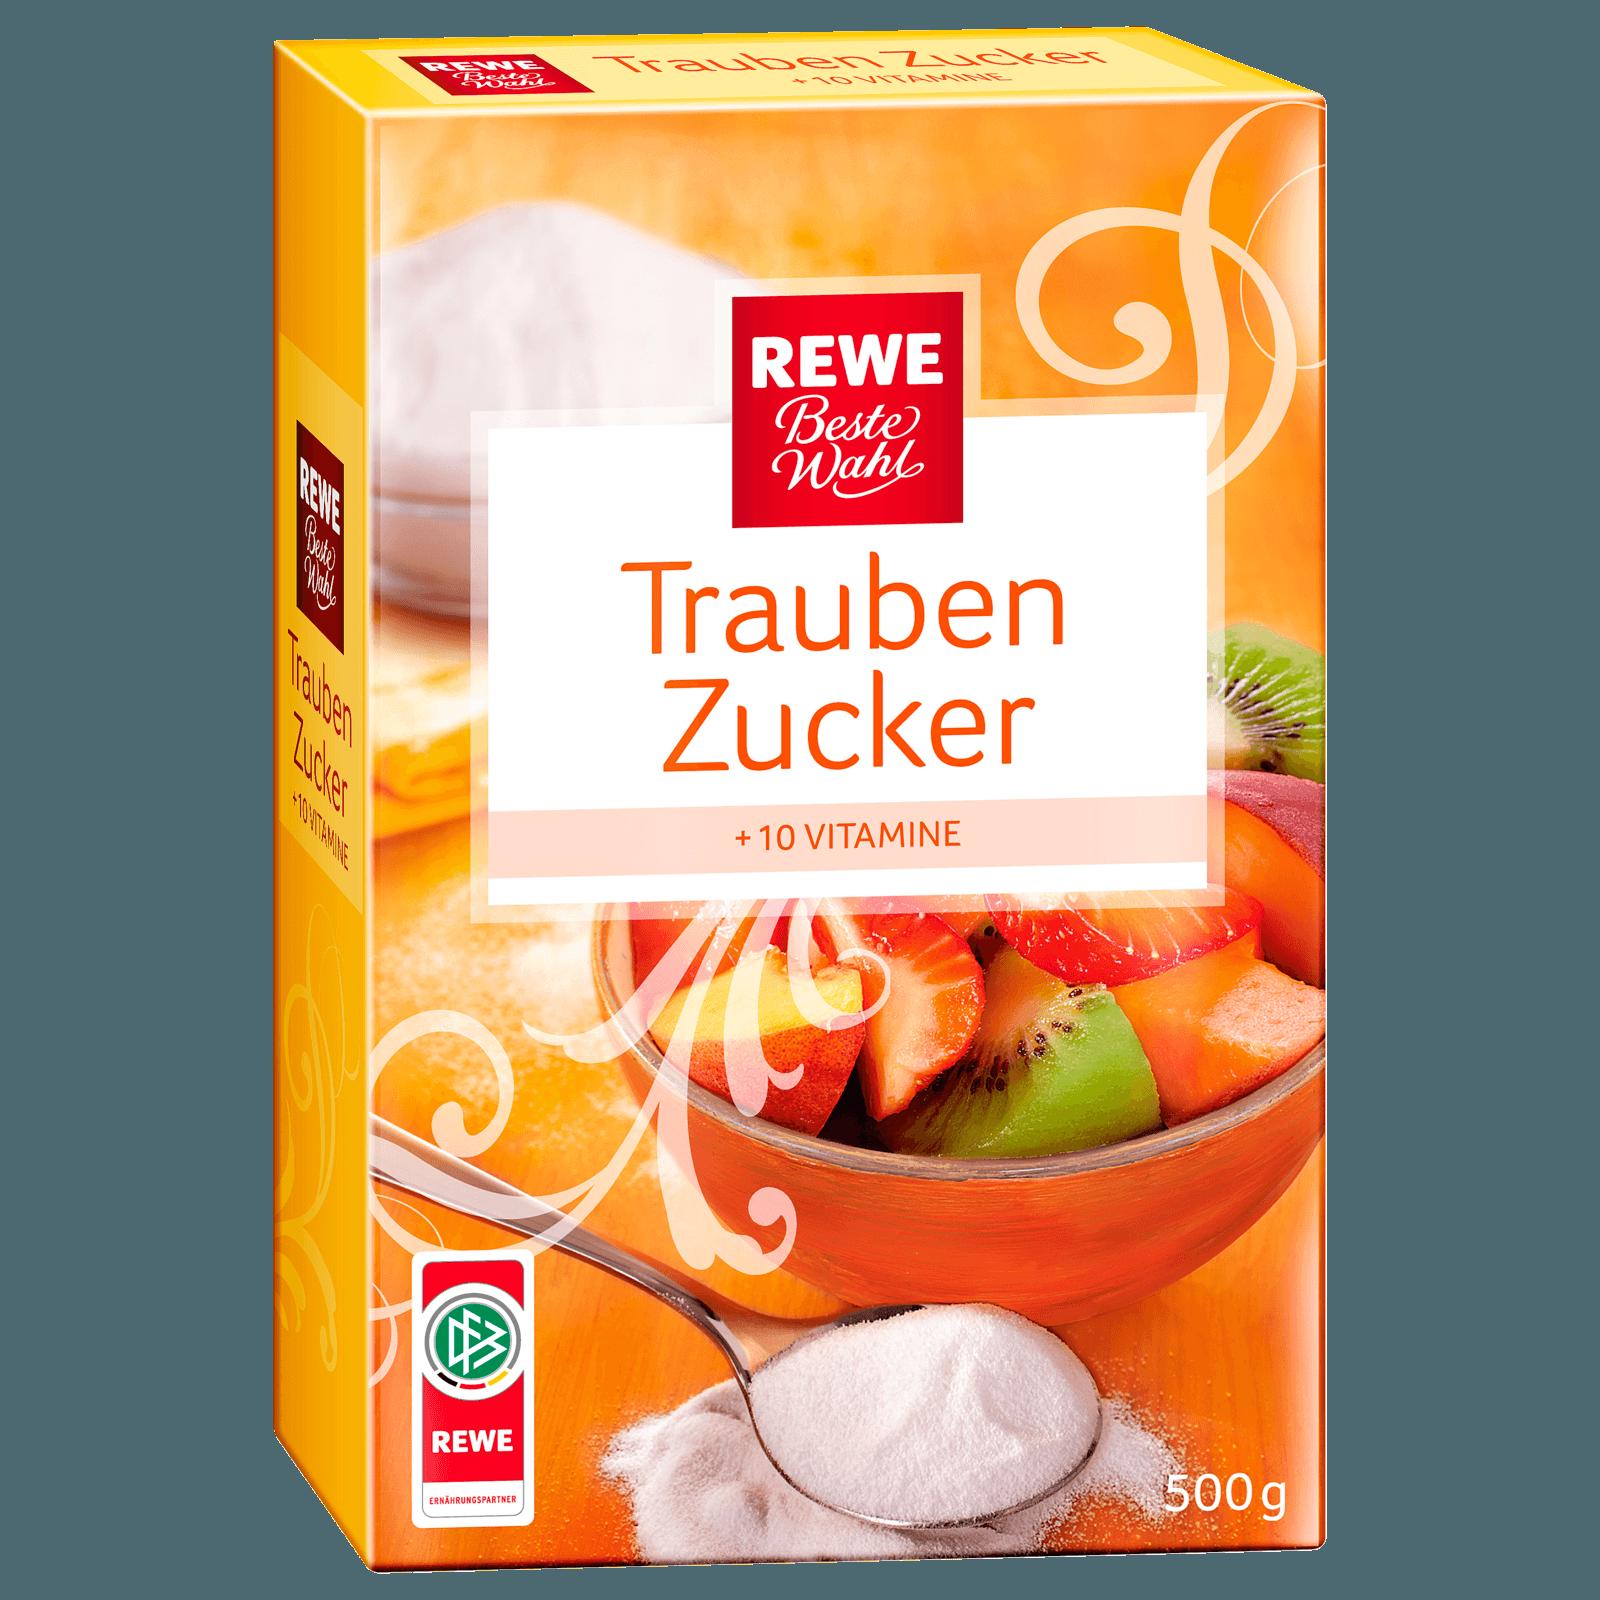 Rewe Beste Wahl Traubenzucker 500g Bei Rewe Online Bestellen